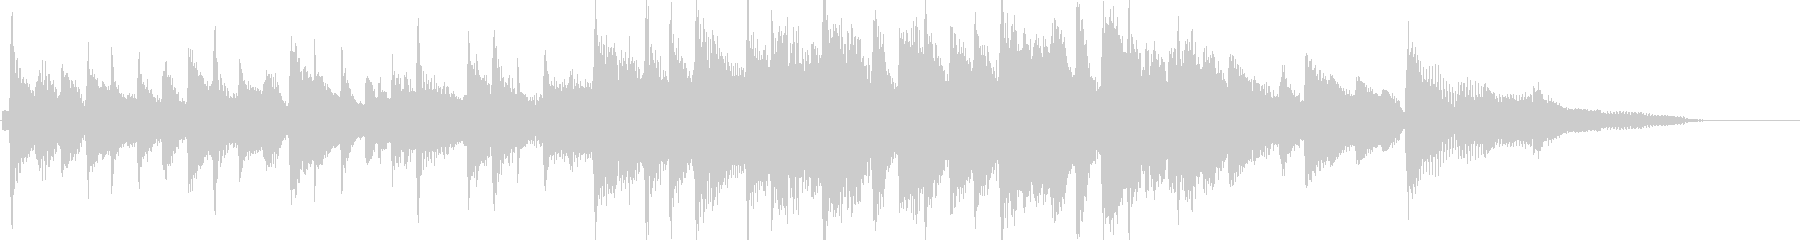 ピアノをメインとした爽やかな15秒楽曲の未再生の波形